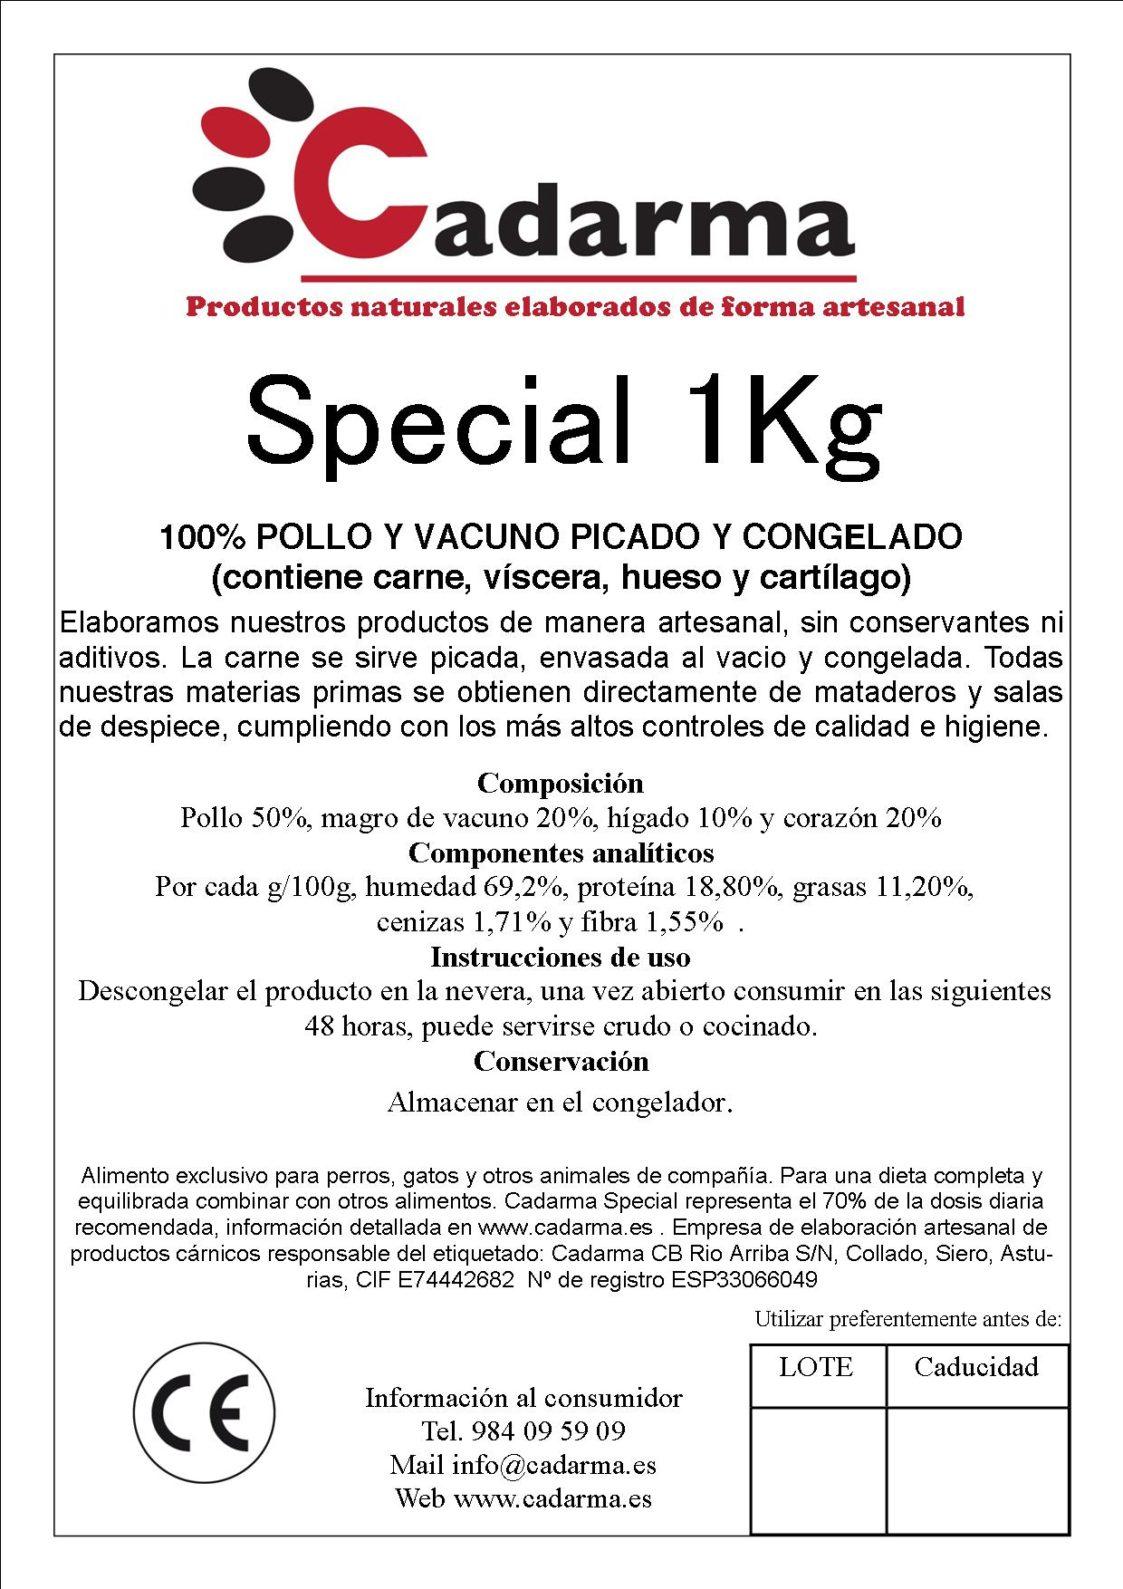 etiqueta 11 Special 1KG